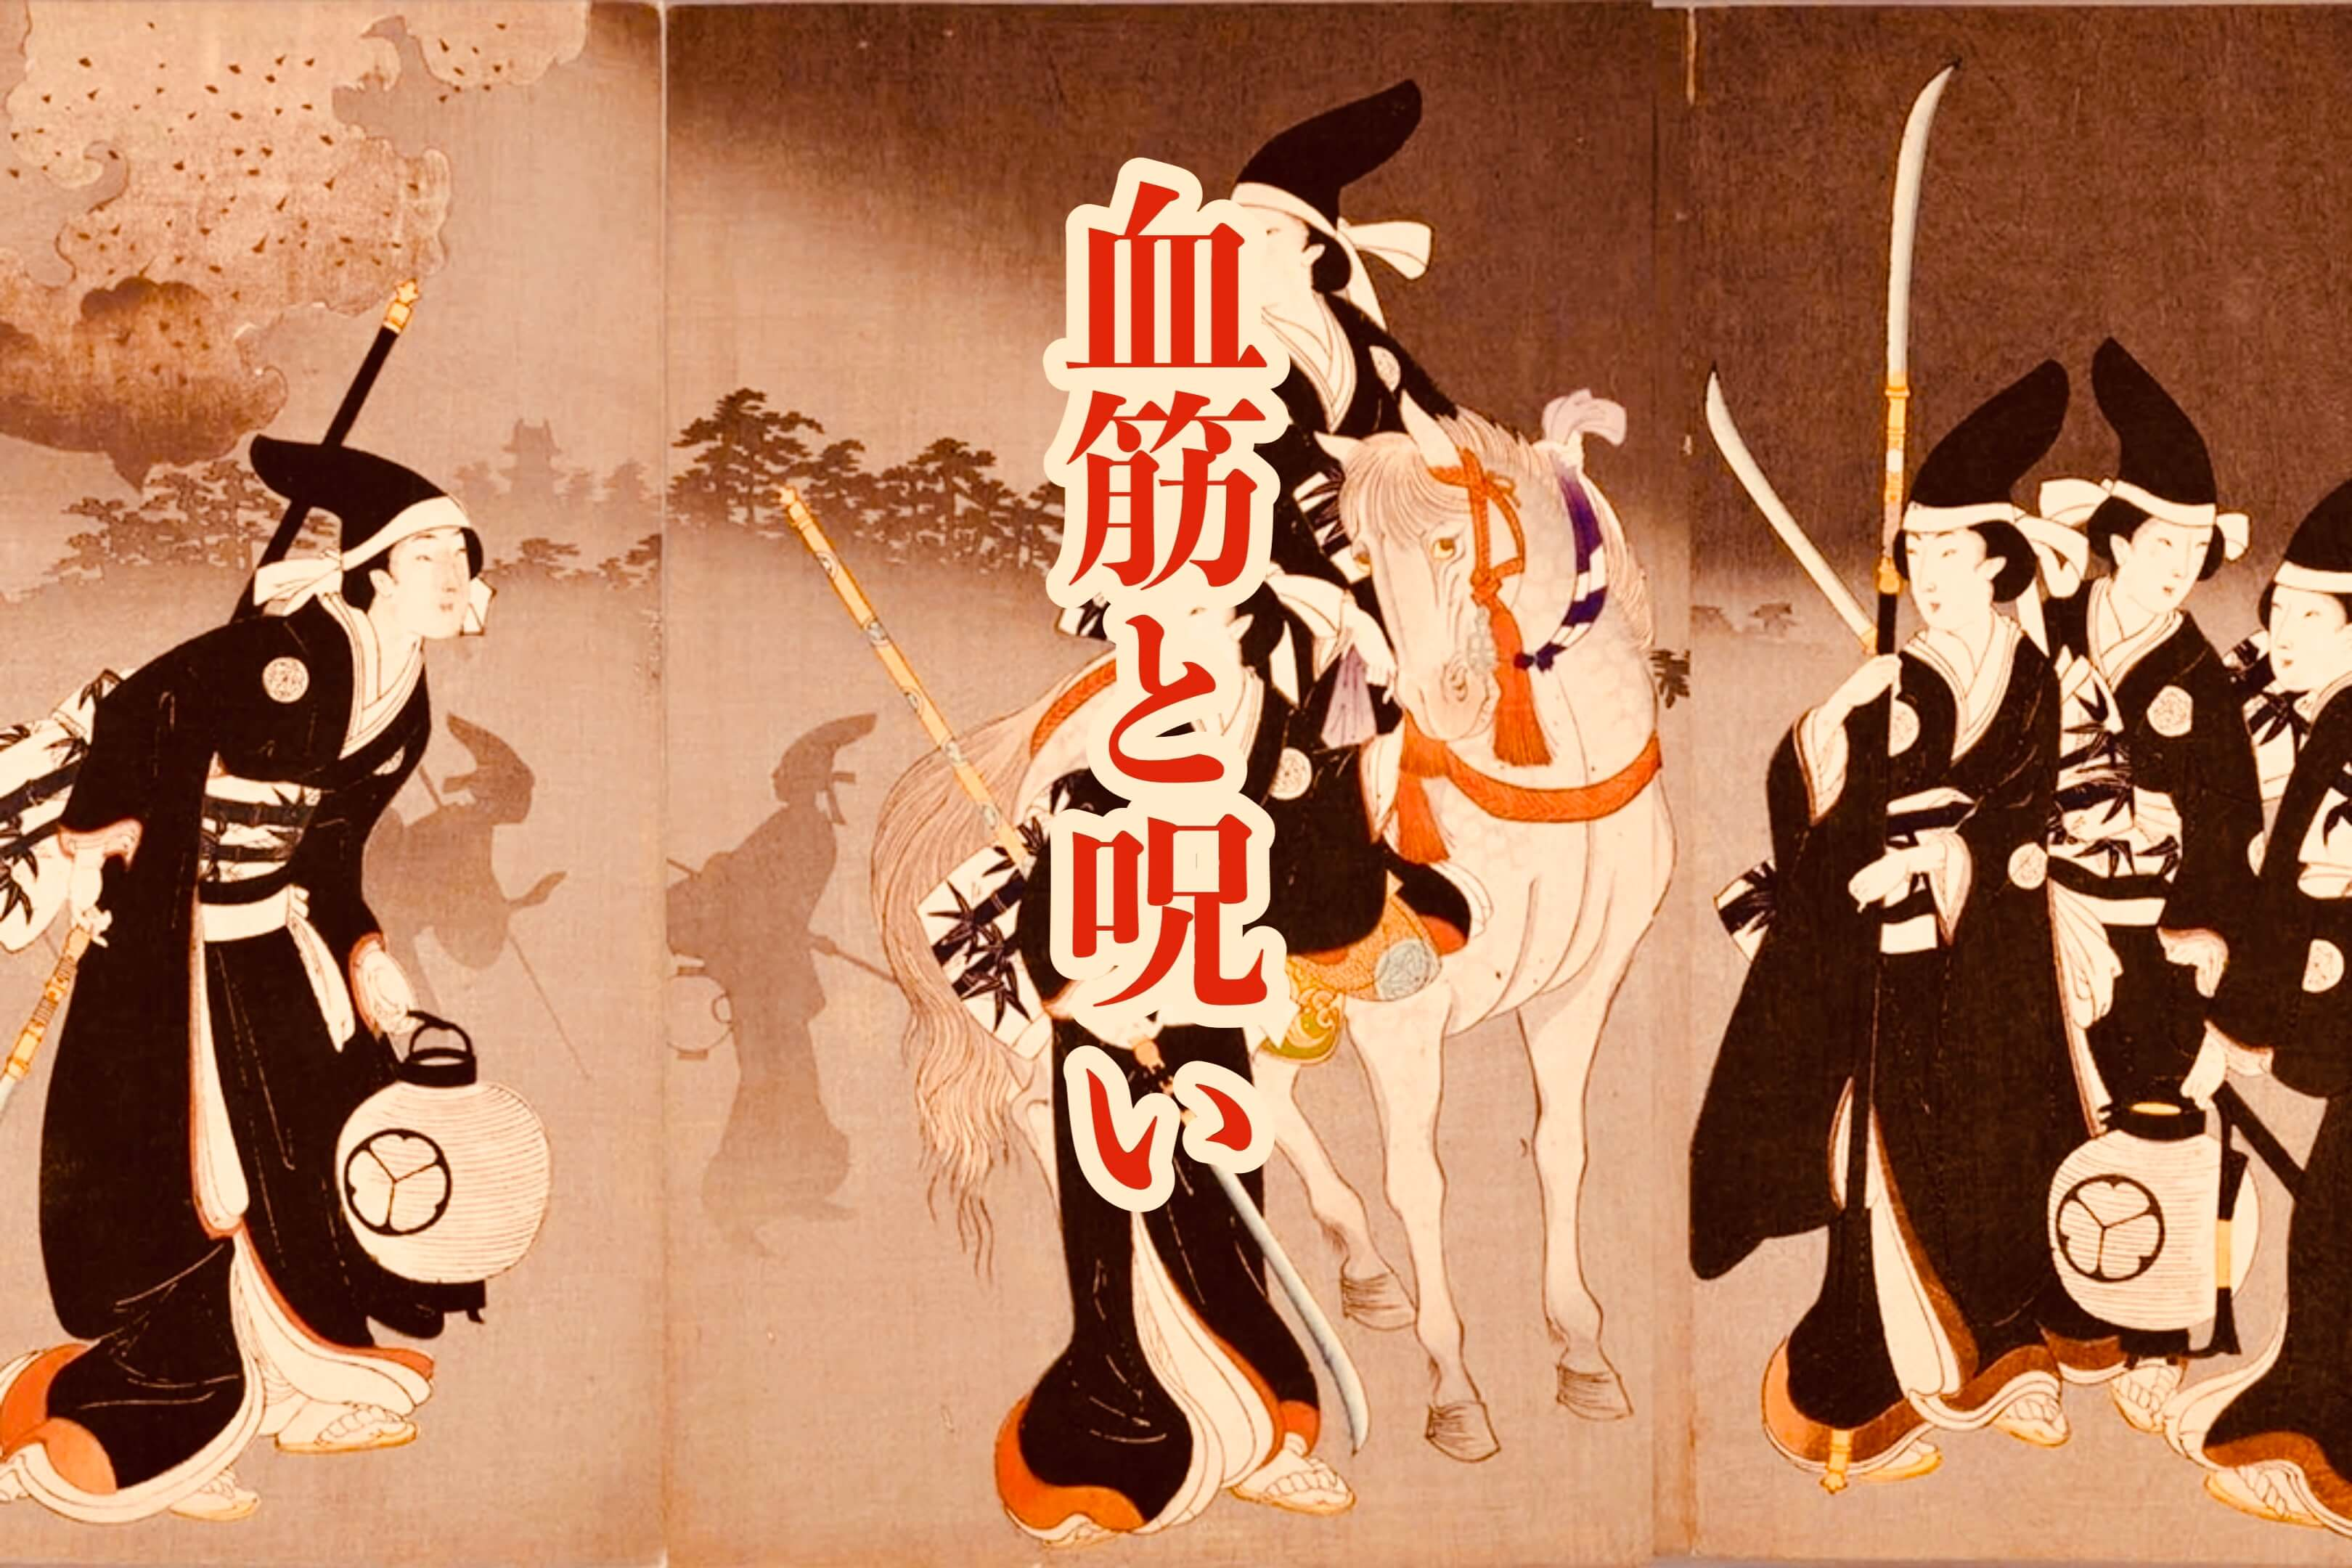 【芦屋道顕】血筋と呪い(2)自覚がなく説得もできない怨霊が一番怖い【現代の呪2】